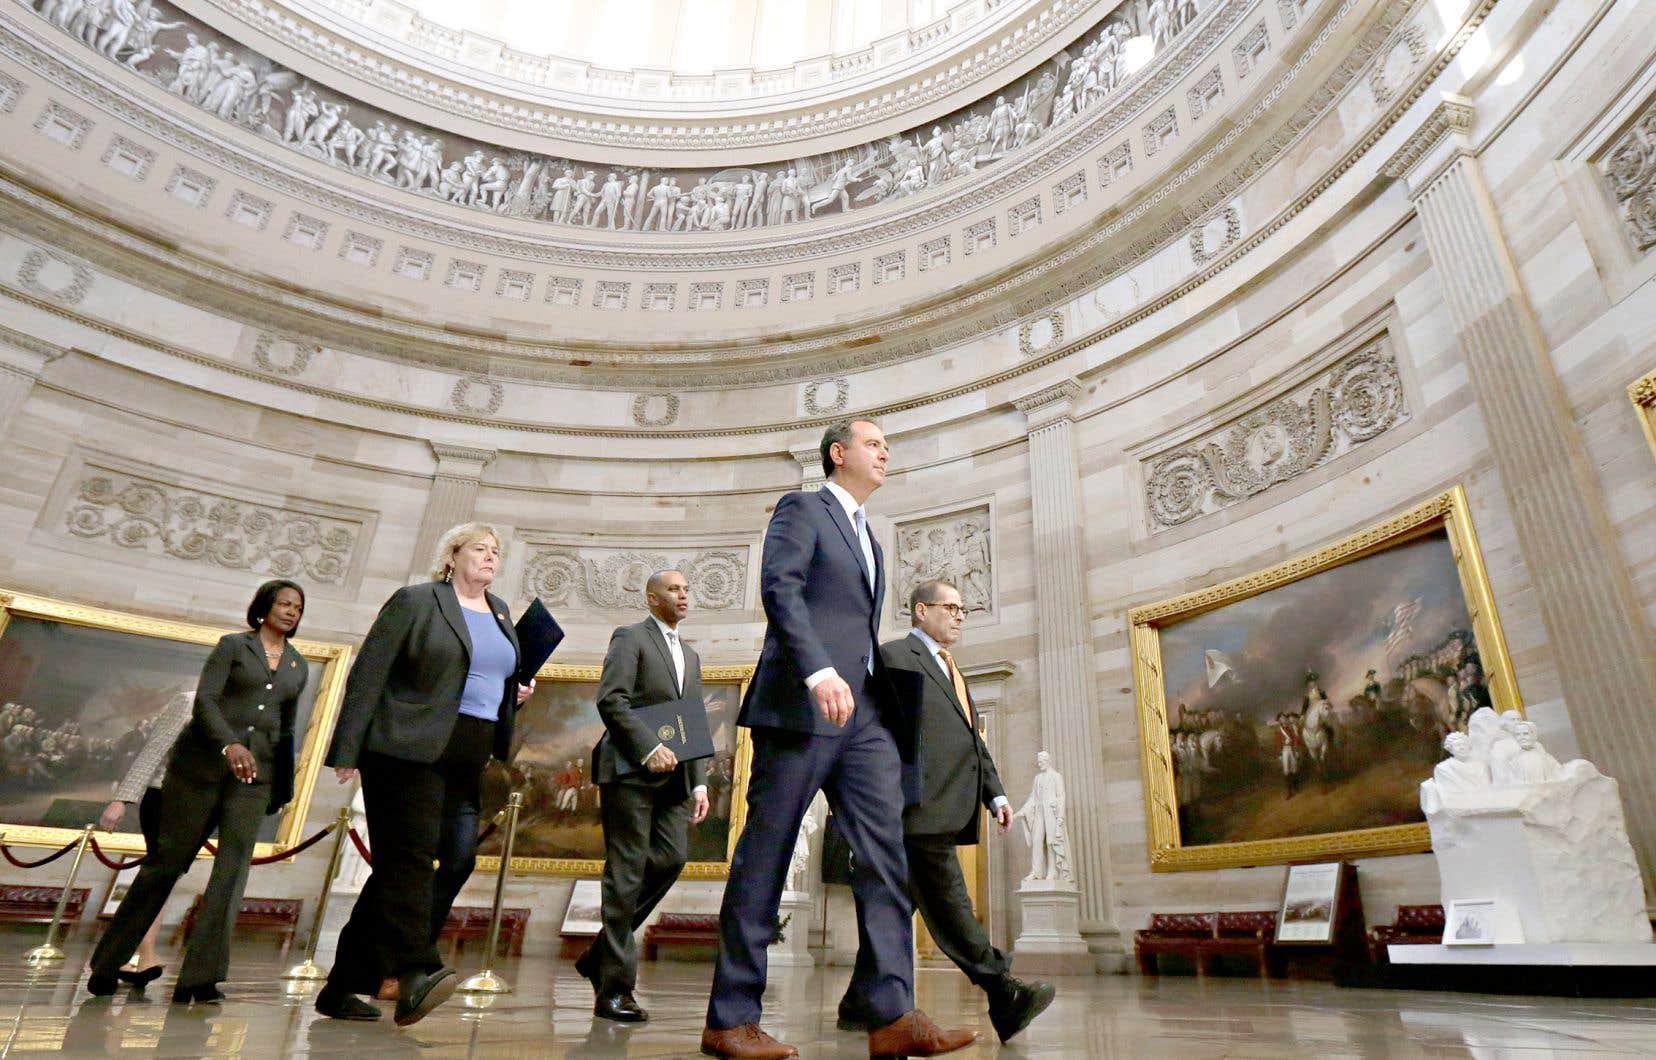 Le procès de Donald Trump a commencé quand sept élus démocrates de la Chambre des représentants se sont présentés au Sénat pour lire l'acte d'accusation adopté le 18 décembre par leur assemblée.